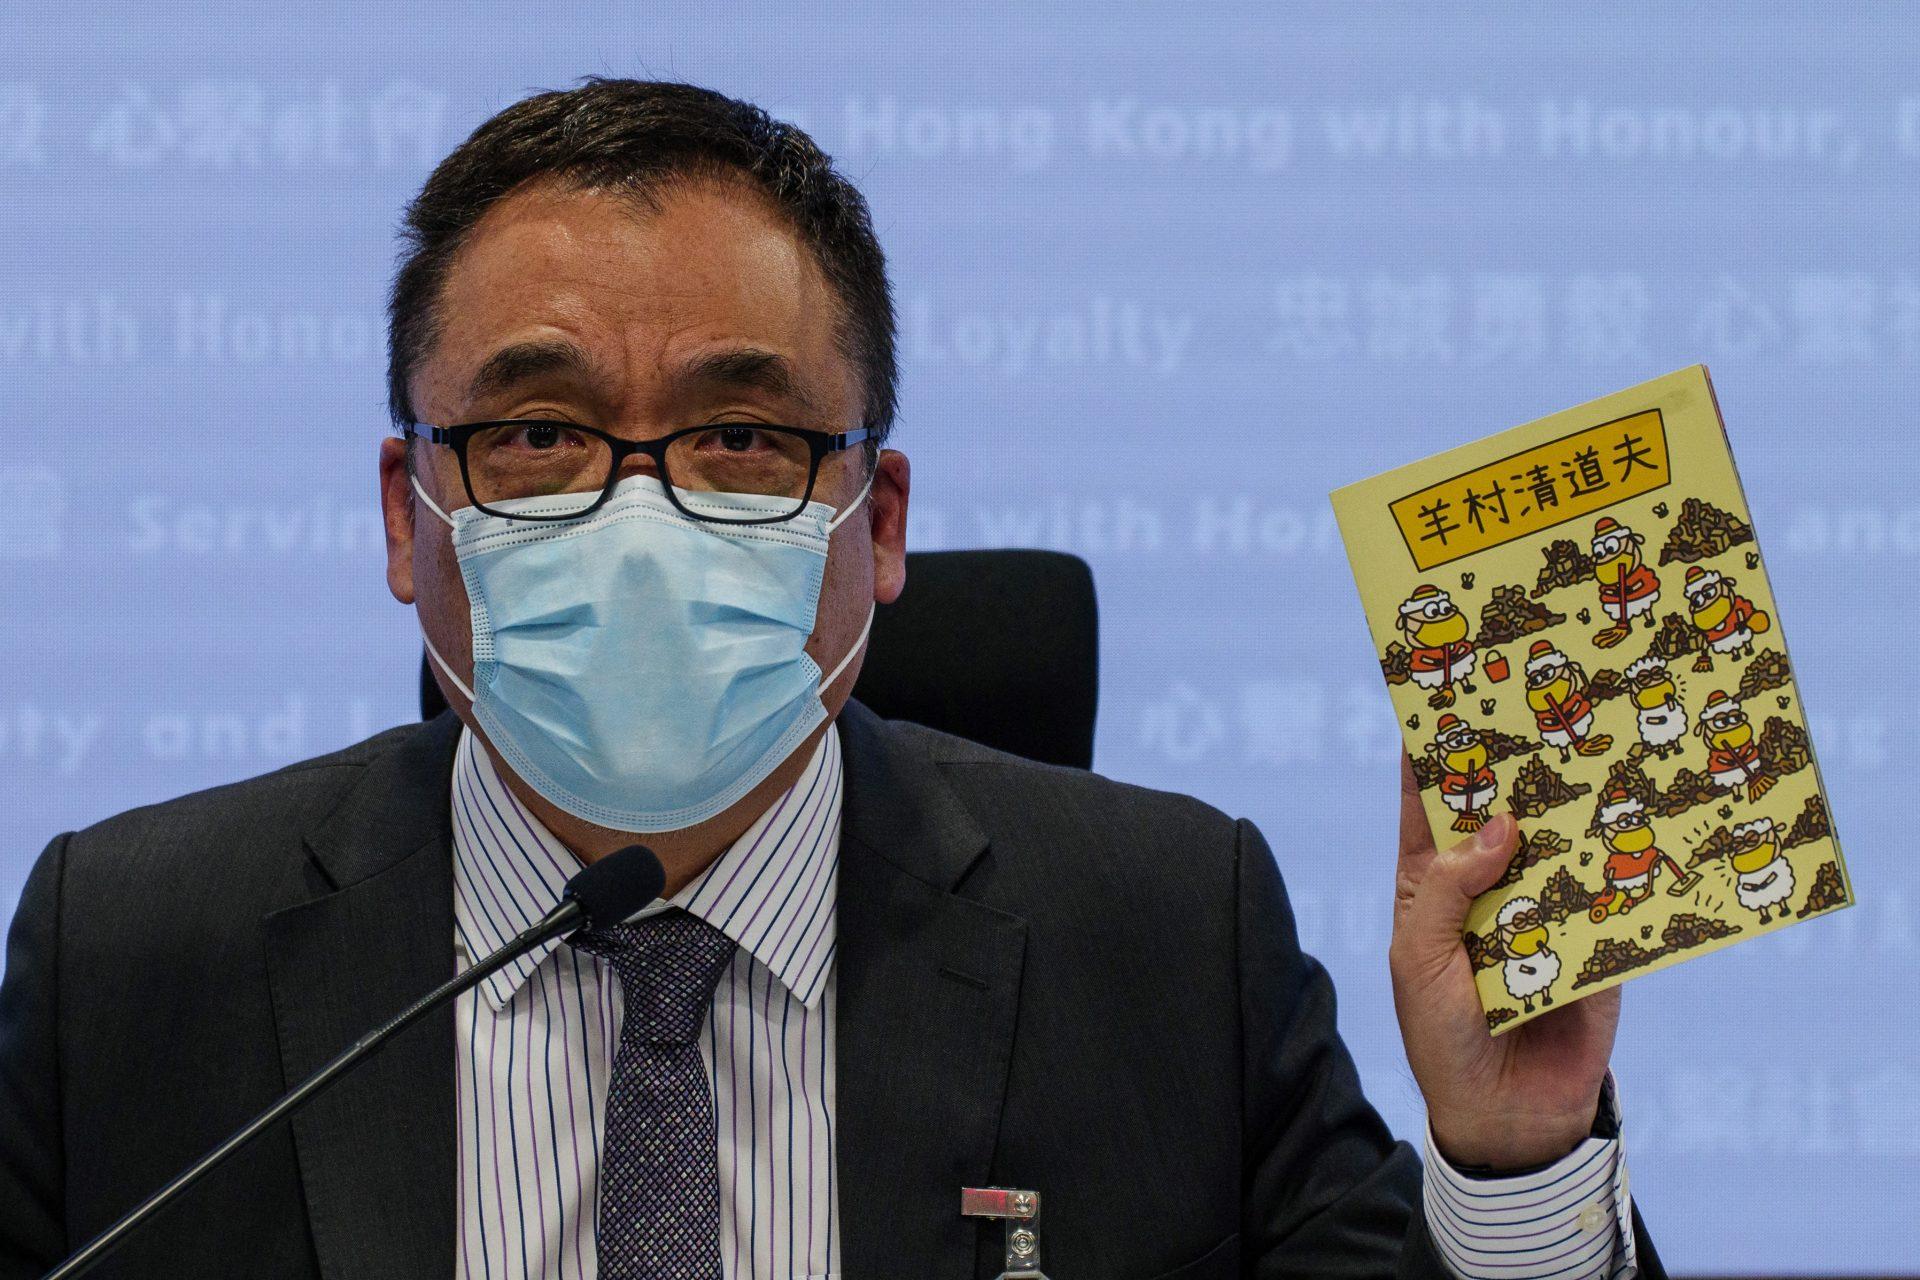 Hong Kong: poliția a arestat cinci persoane pentru că au publicat povești cu oi și lupi